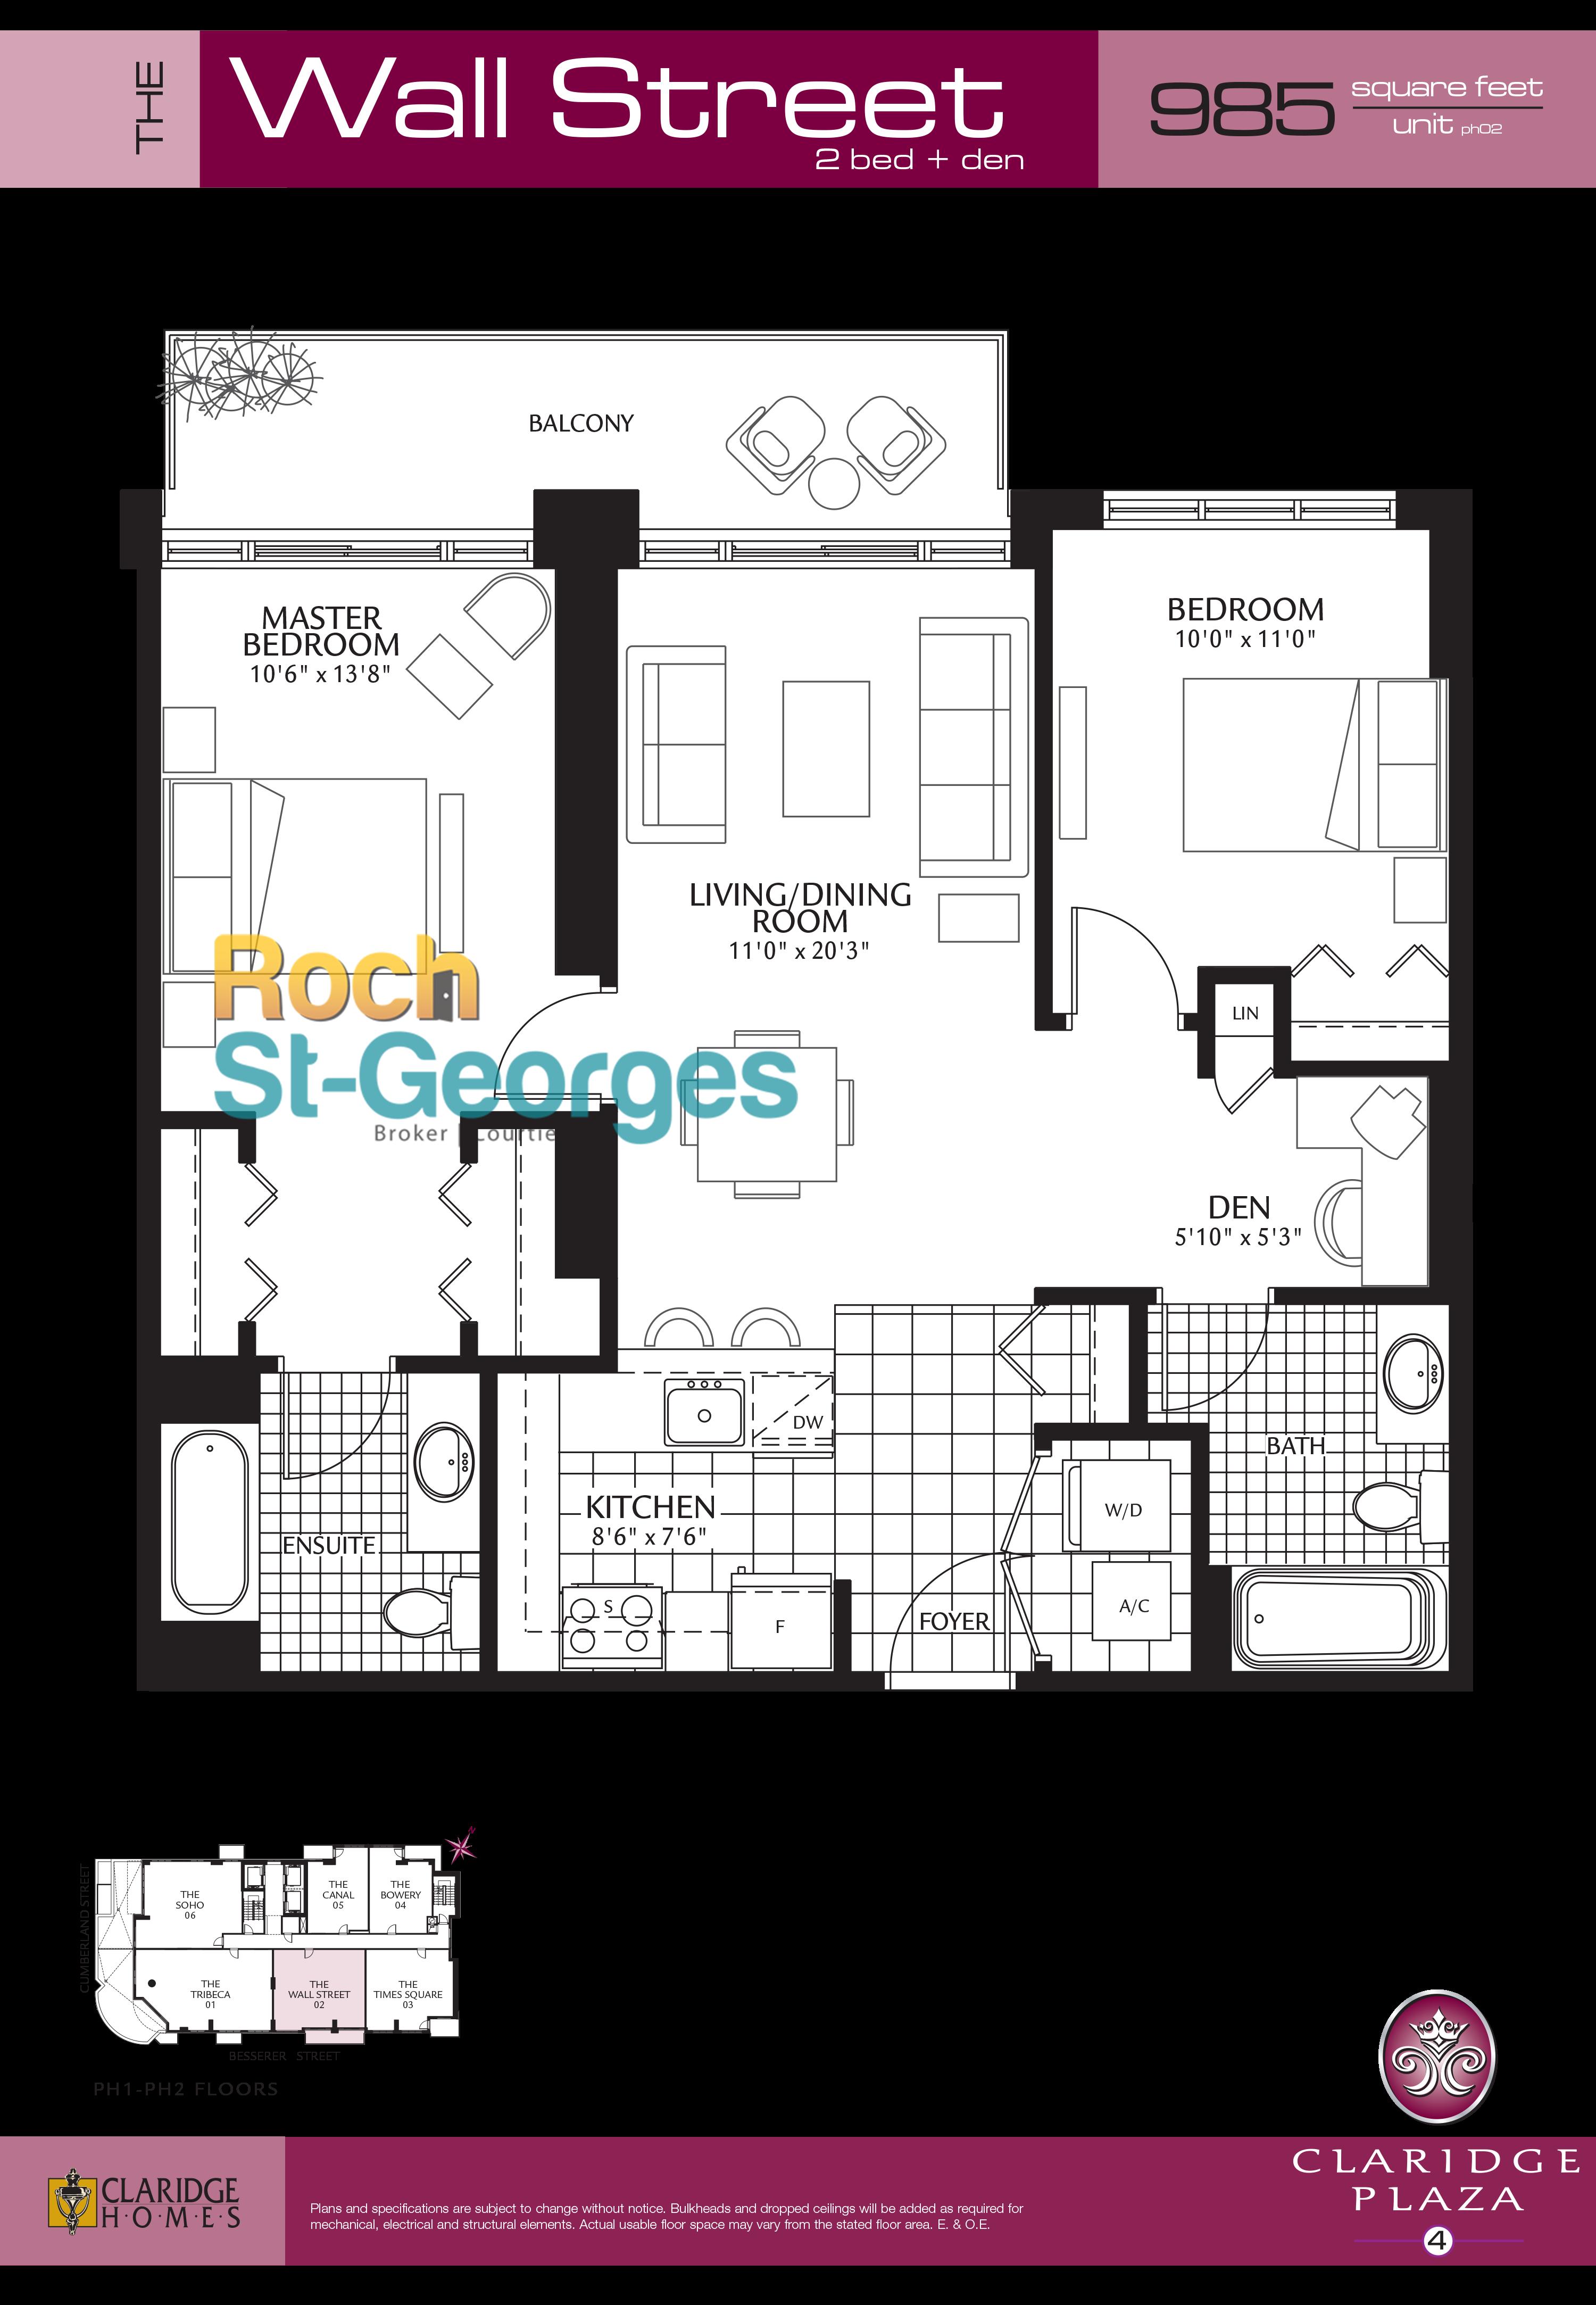 wallstreet floorplan claridge